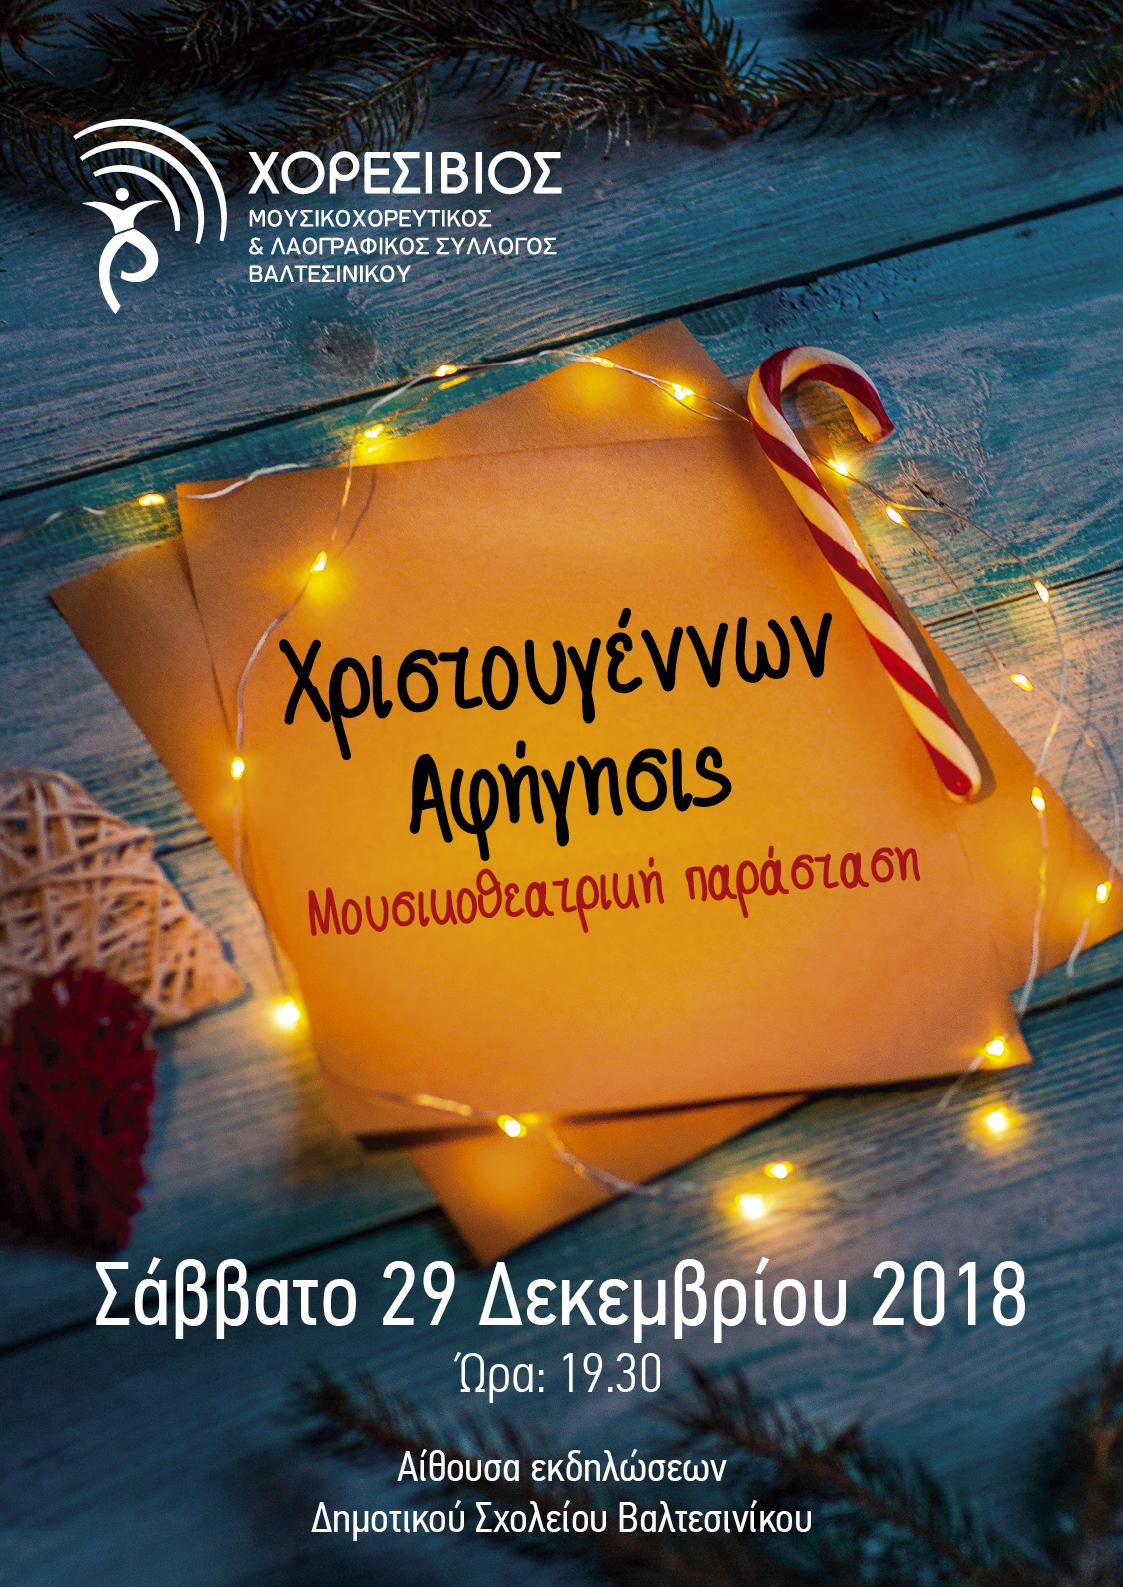 Εορταστικές εκδηλώσεις